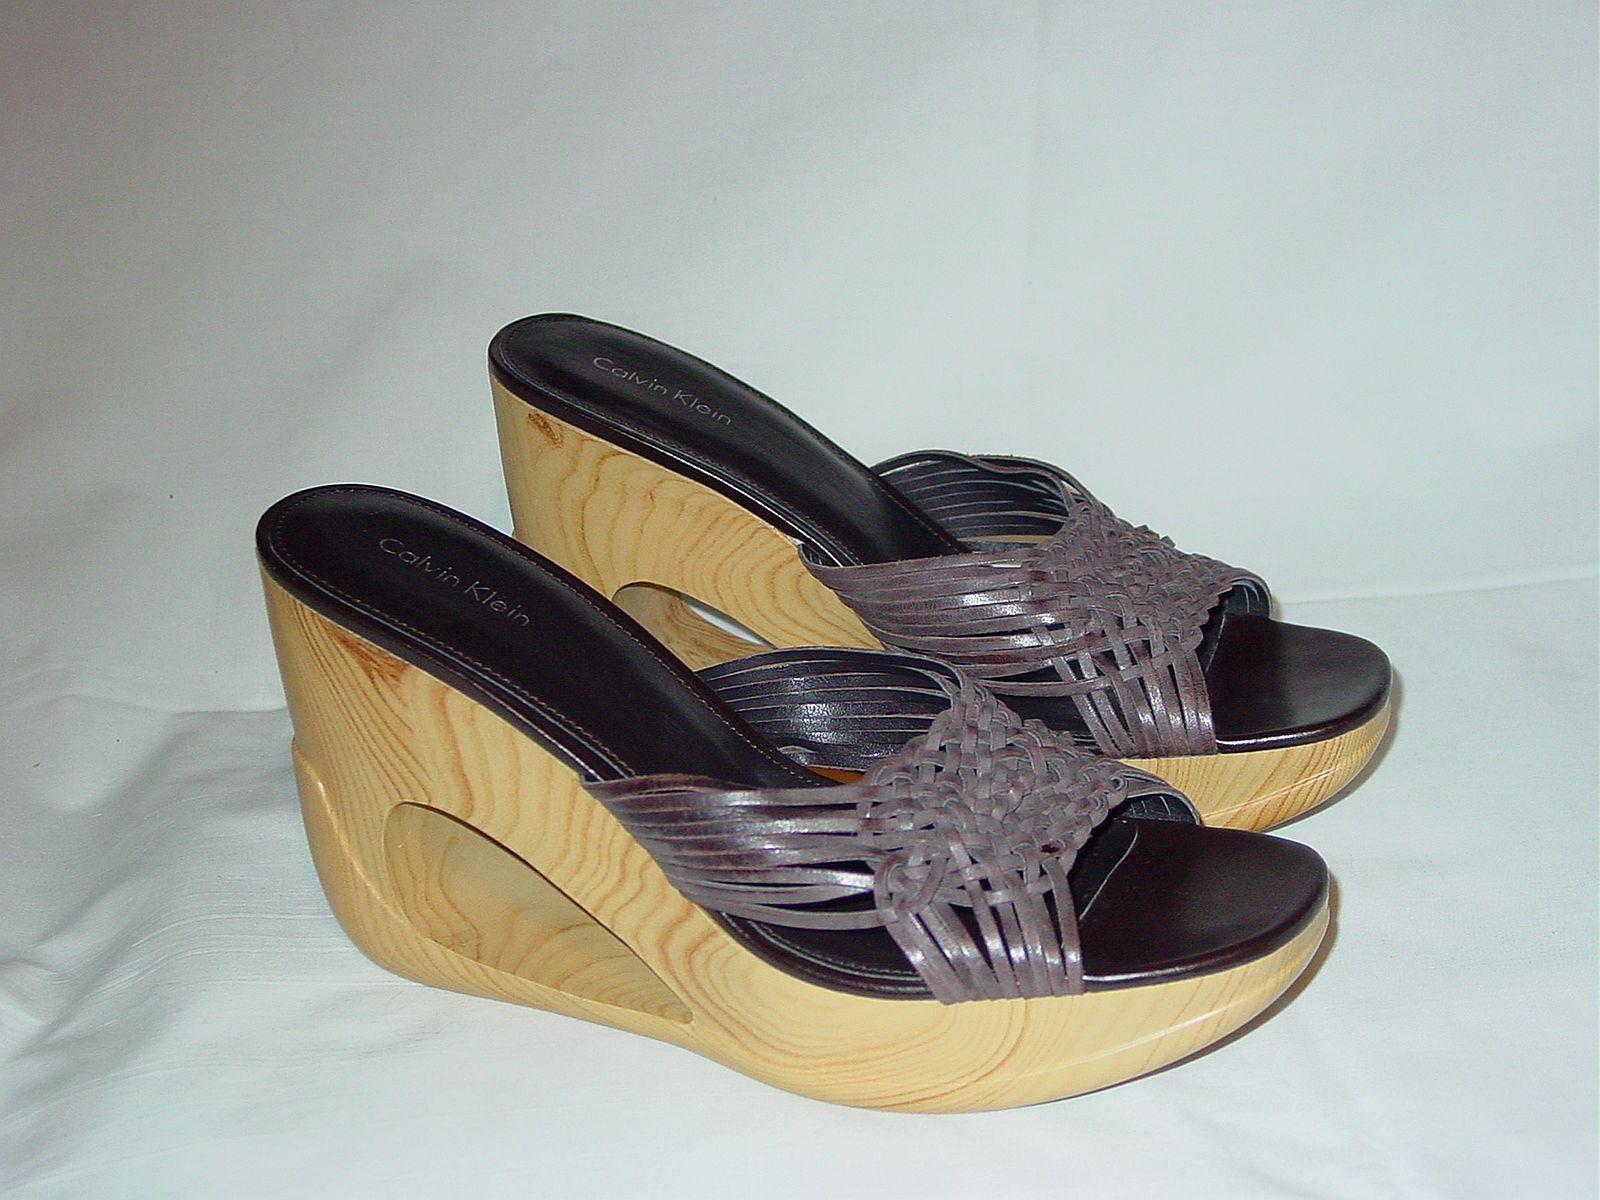 Para Mujer Estilo Retro Madera simulado Plataforma Tacones Sandalias zapatos cerca de tamaño 9